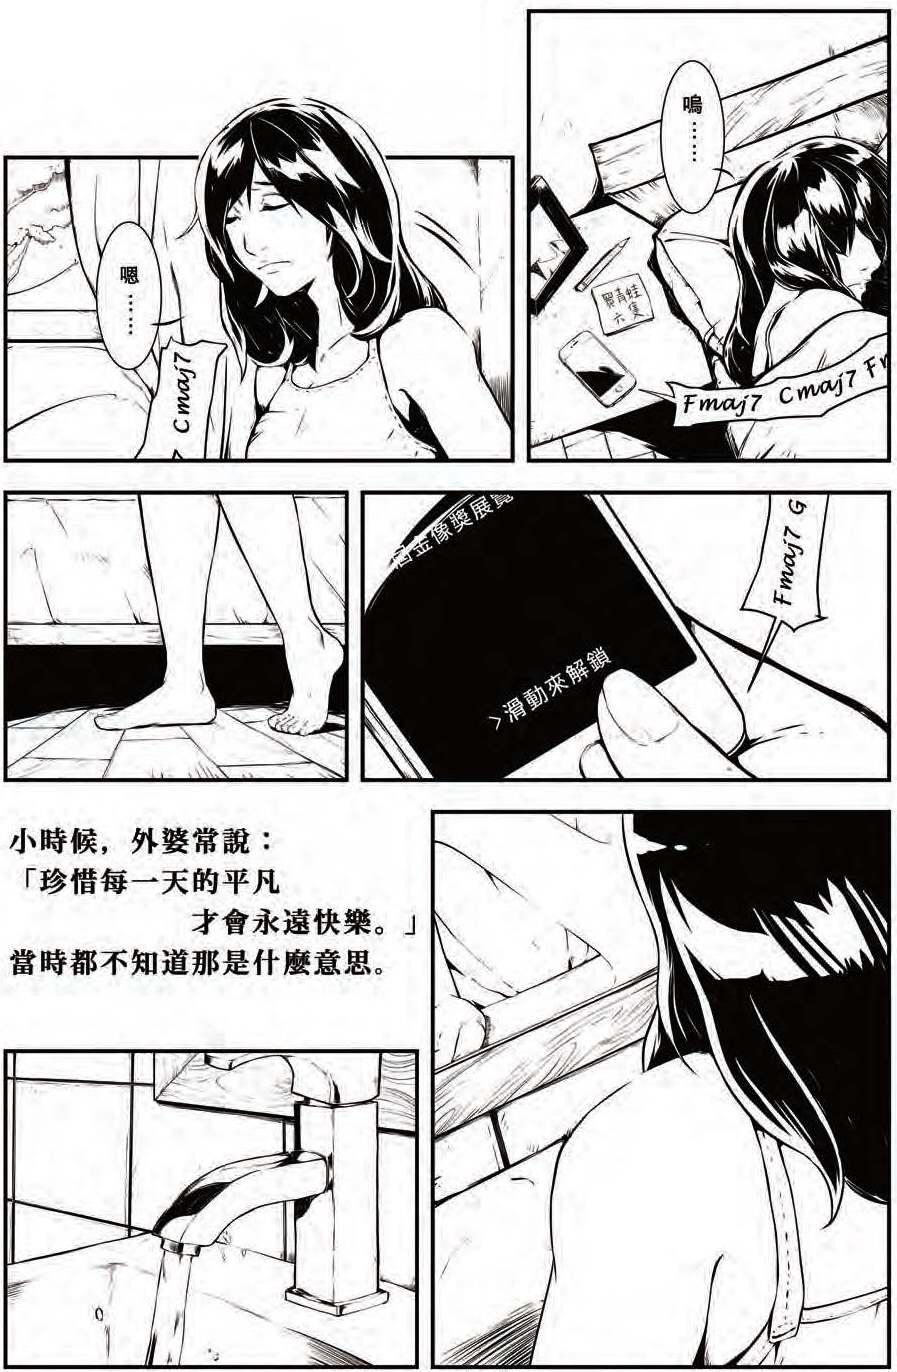 51屆漫畫項國軍組優選_那些留下來的故事02.jpg